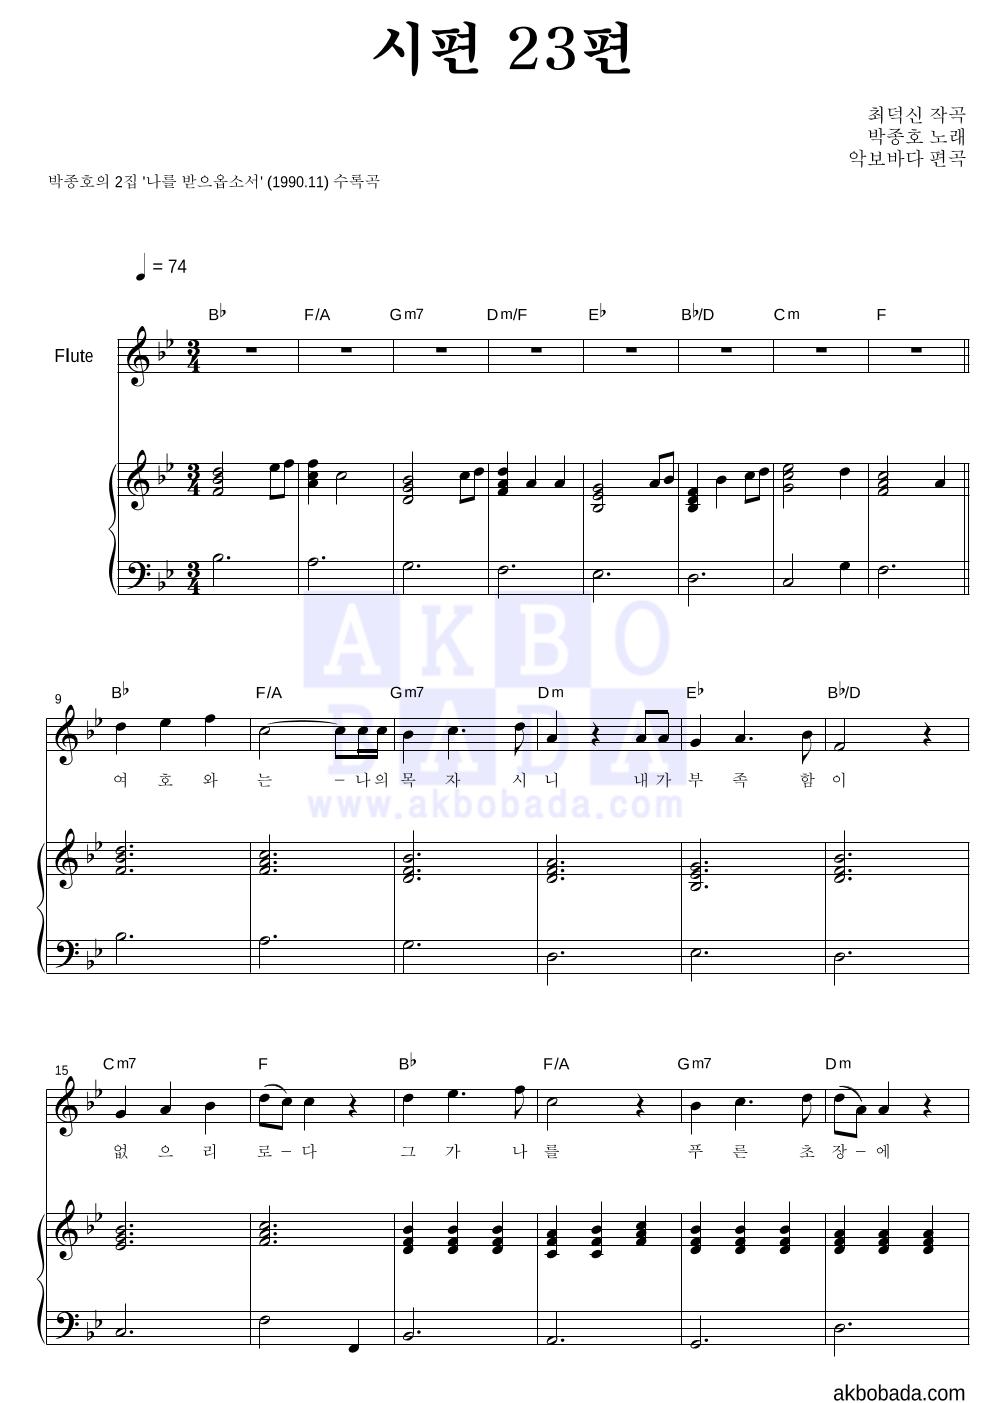 박종호 - 시편 23편 플룻&피아노 악보